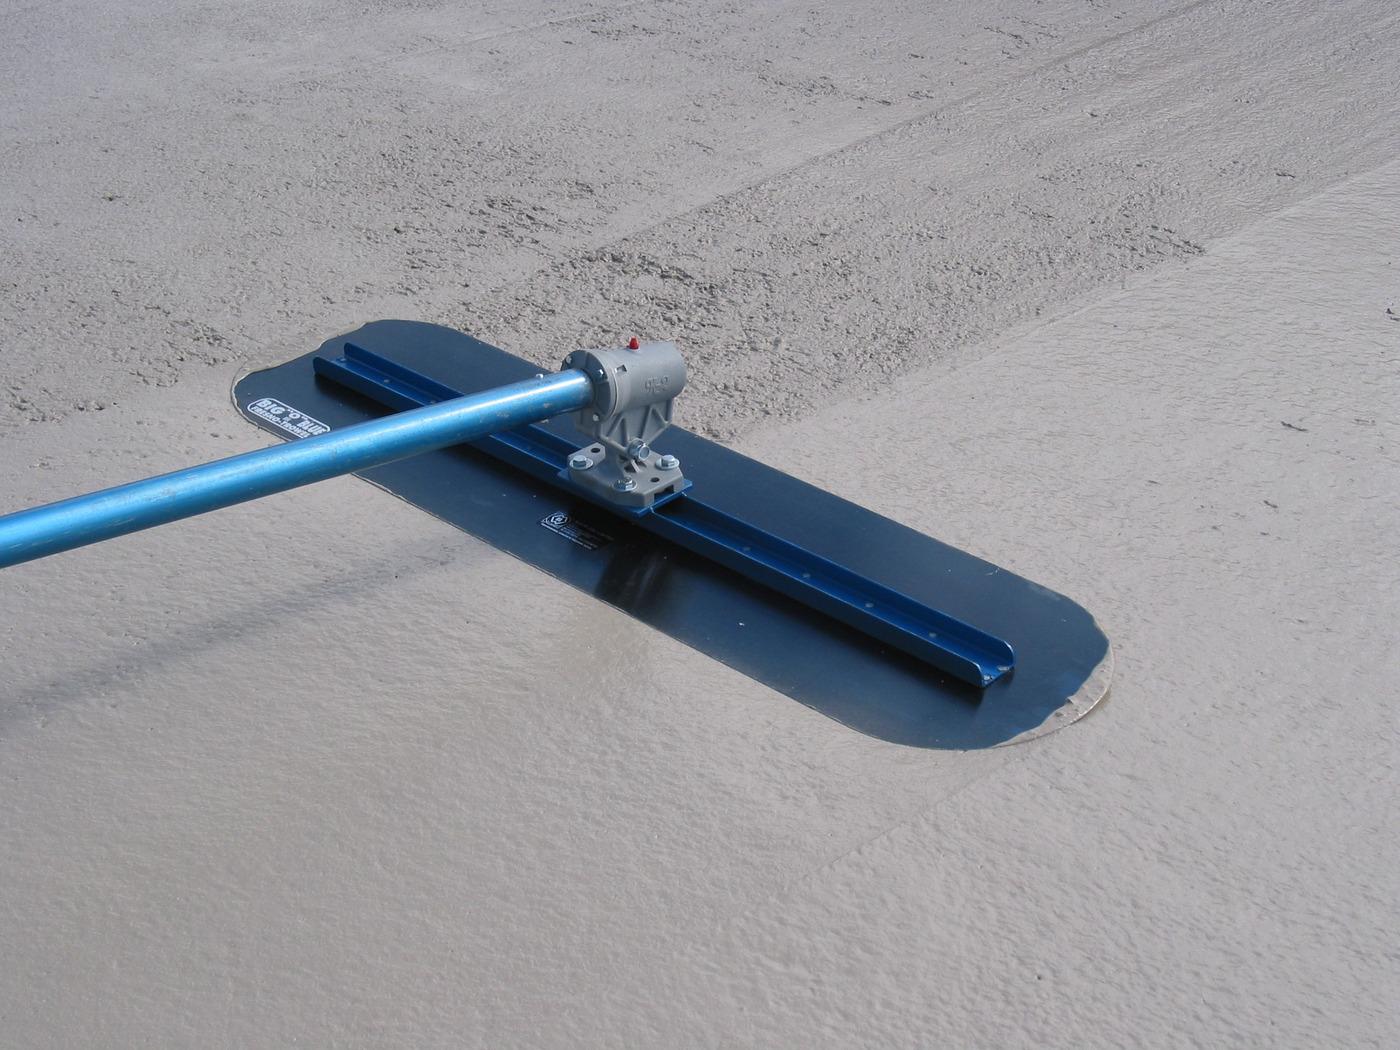 Гладилку для бетона телескопическая купить бетон в22 5 купить betonpsk